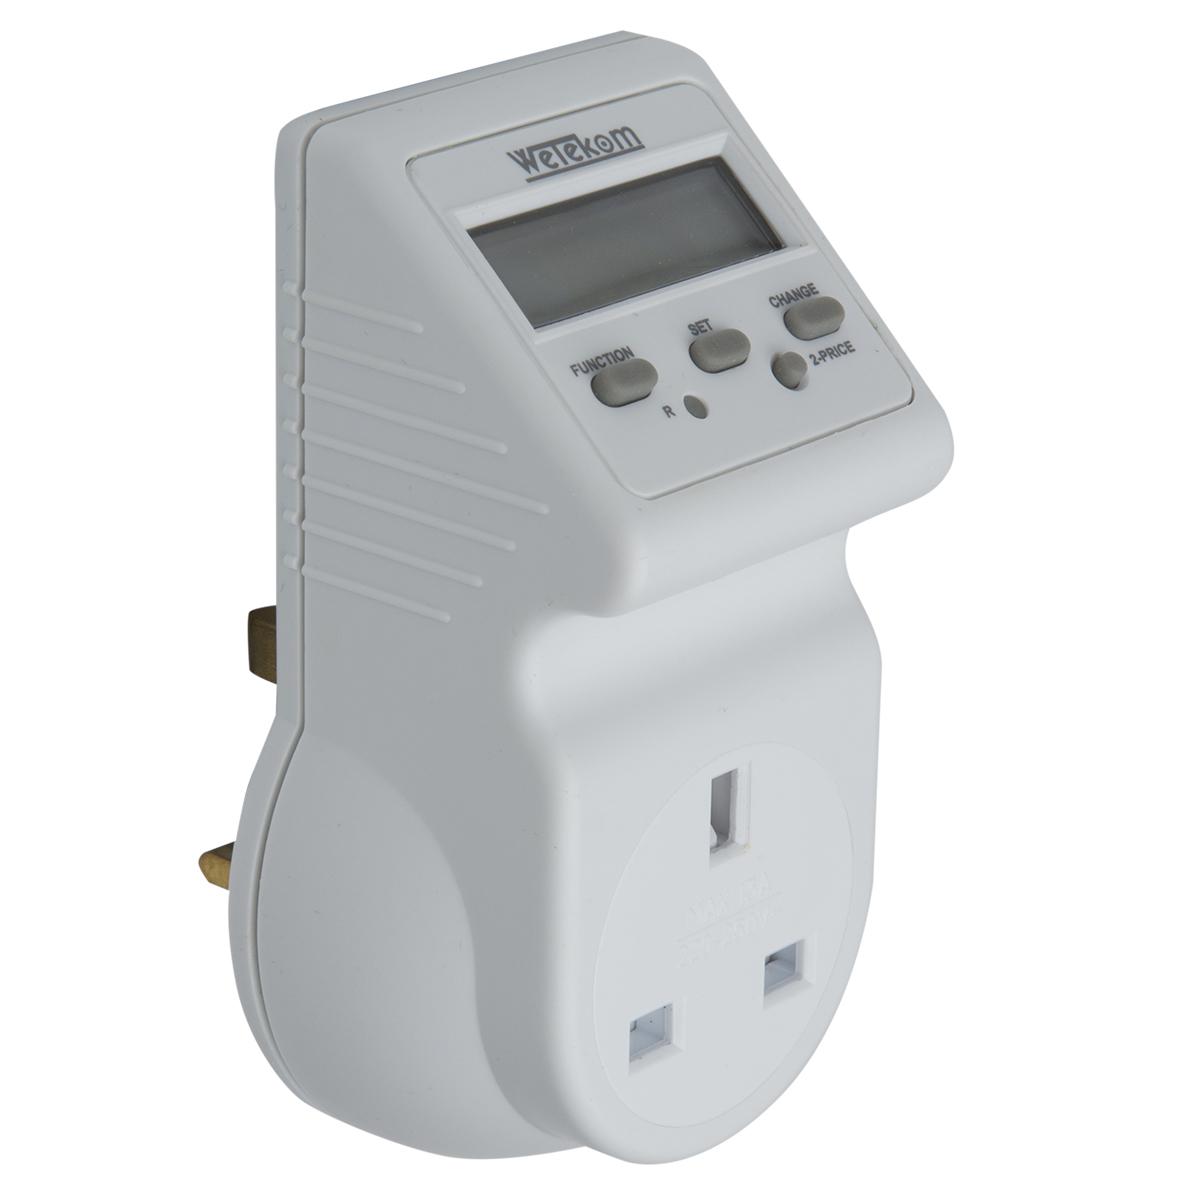 Kilowatt Usage Meter : Energy cost meter plug in monitor power use lower